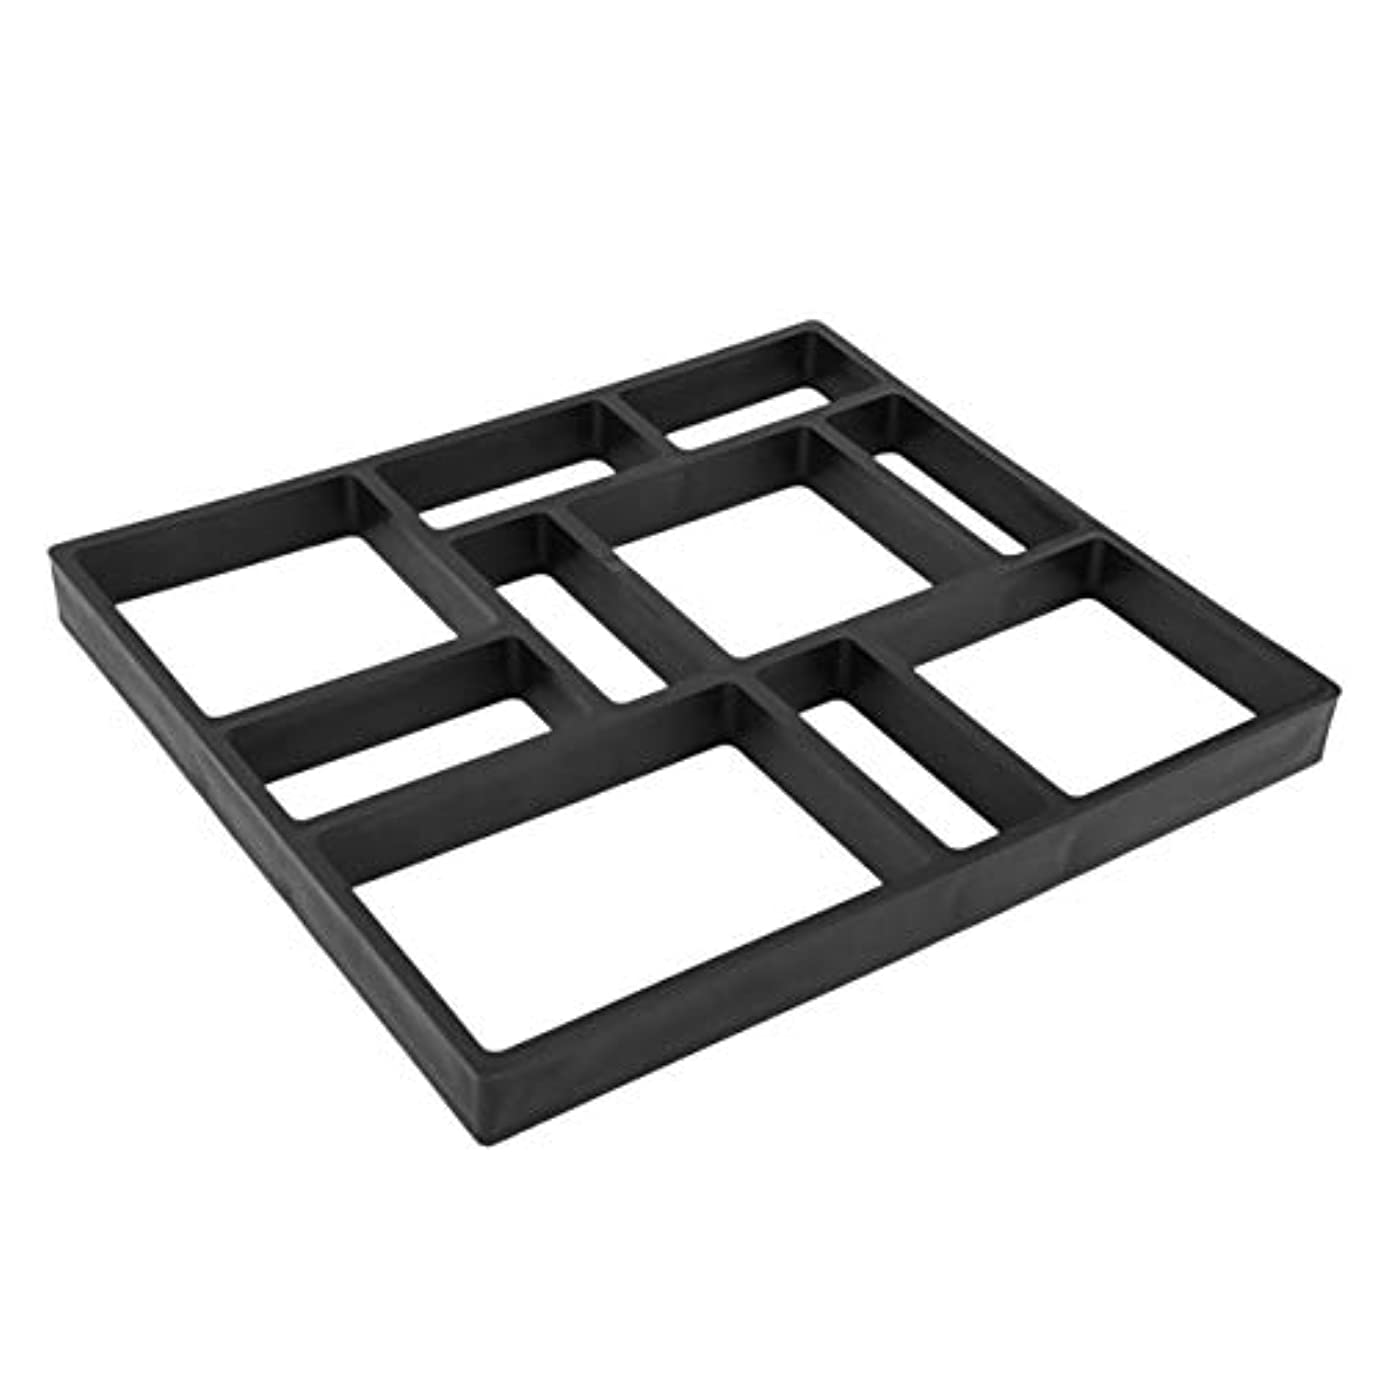 約設定信者霧深いSaikogoods DIY不規則な/矩形パターンパーソナライズされた舗装のコンクリートレンガ石屋外装飾庭パスのメーカー芝生 黒